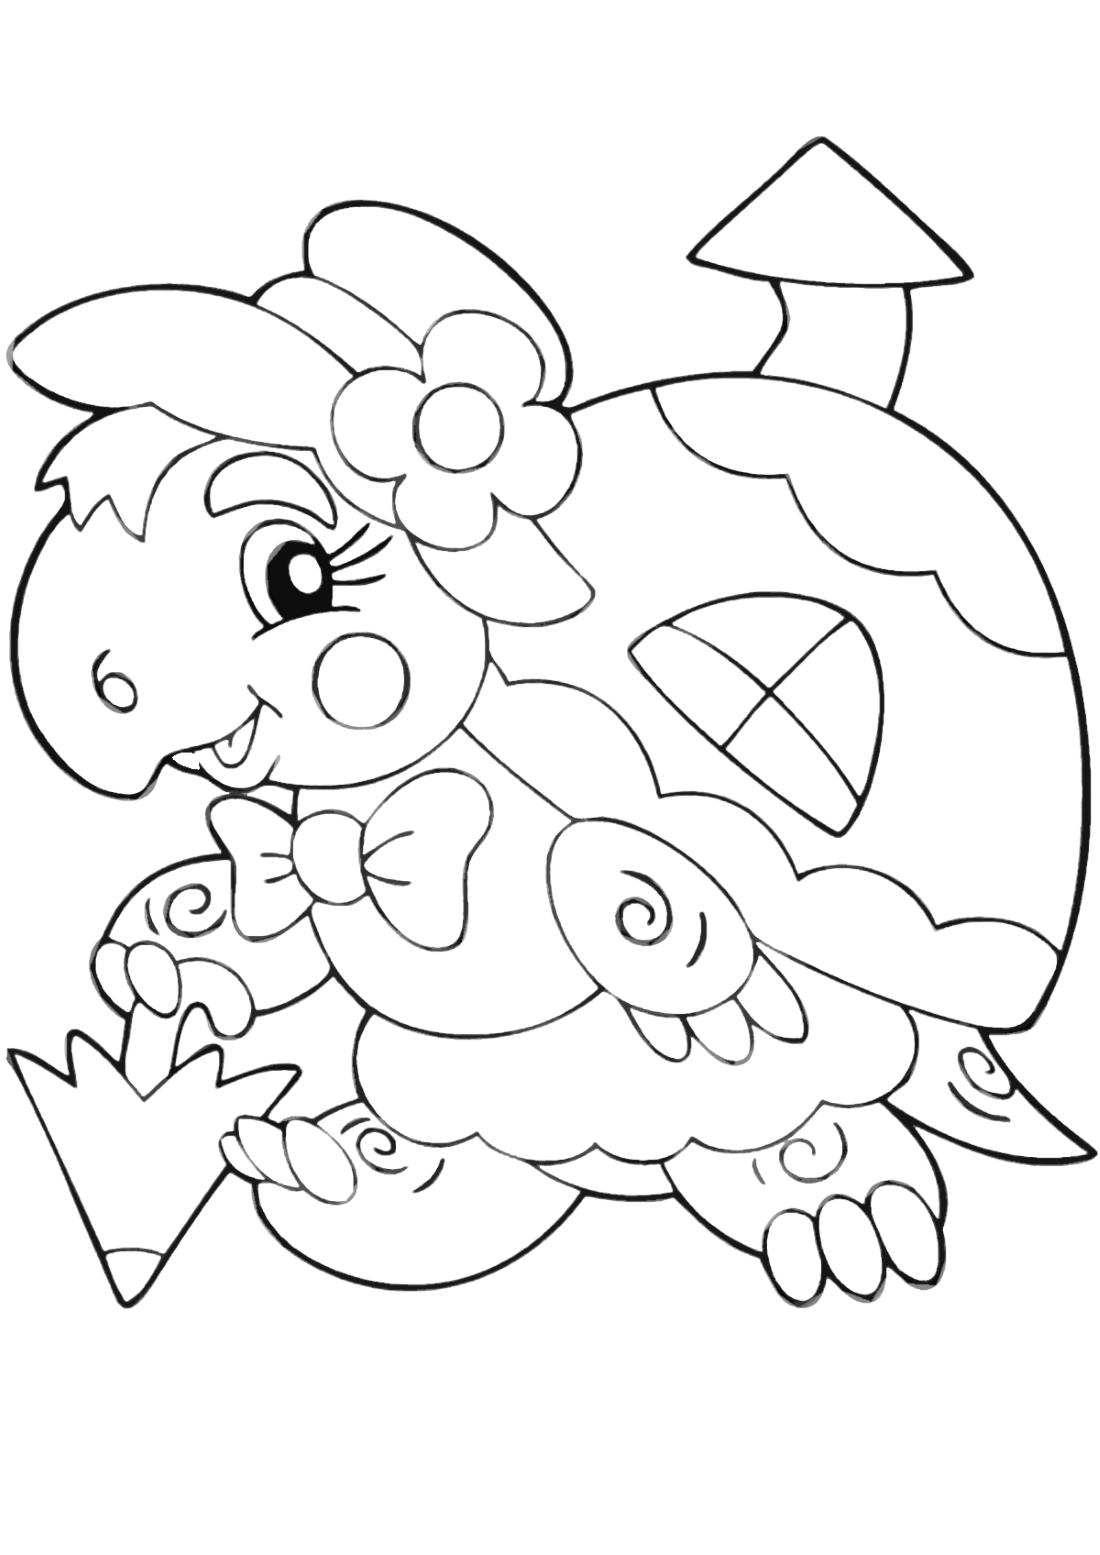 Черепаха с домиком - раскраска №10802 | Printonic.ru